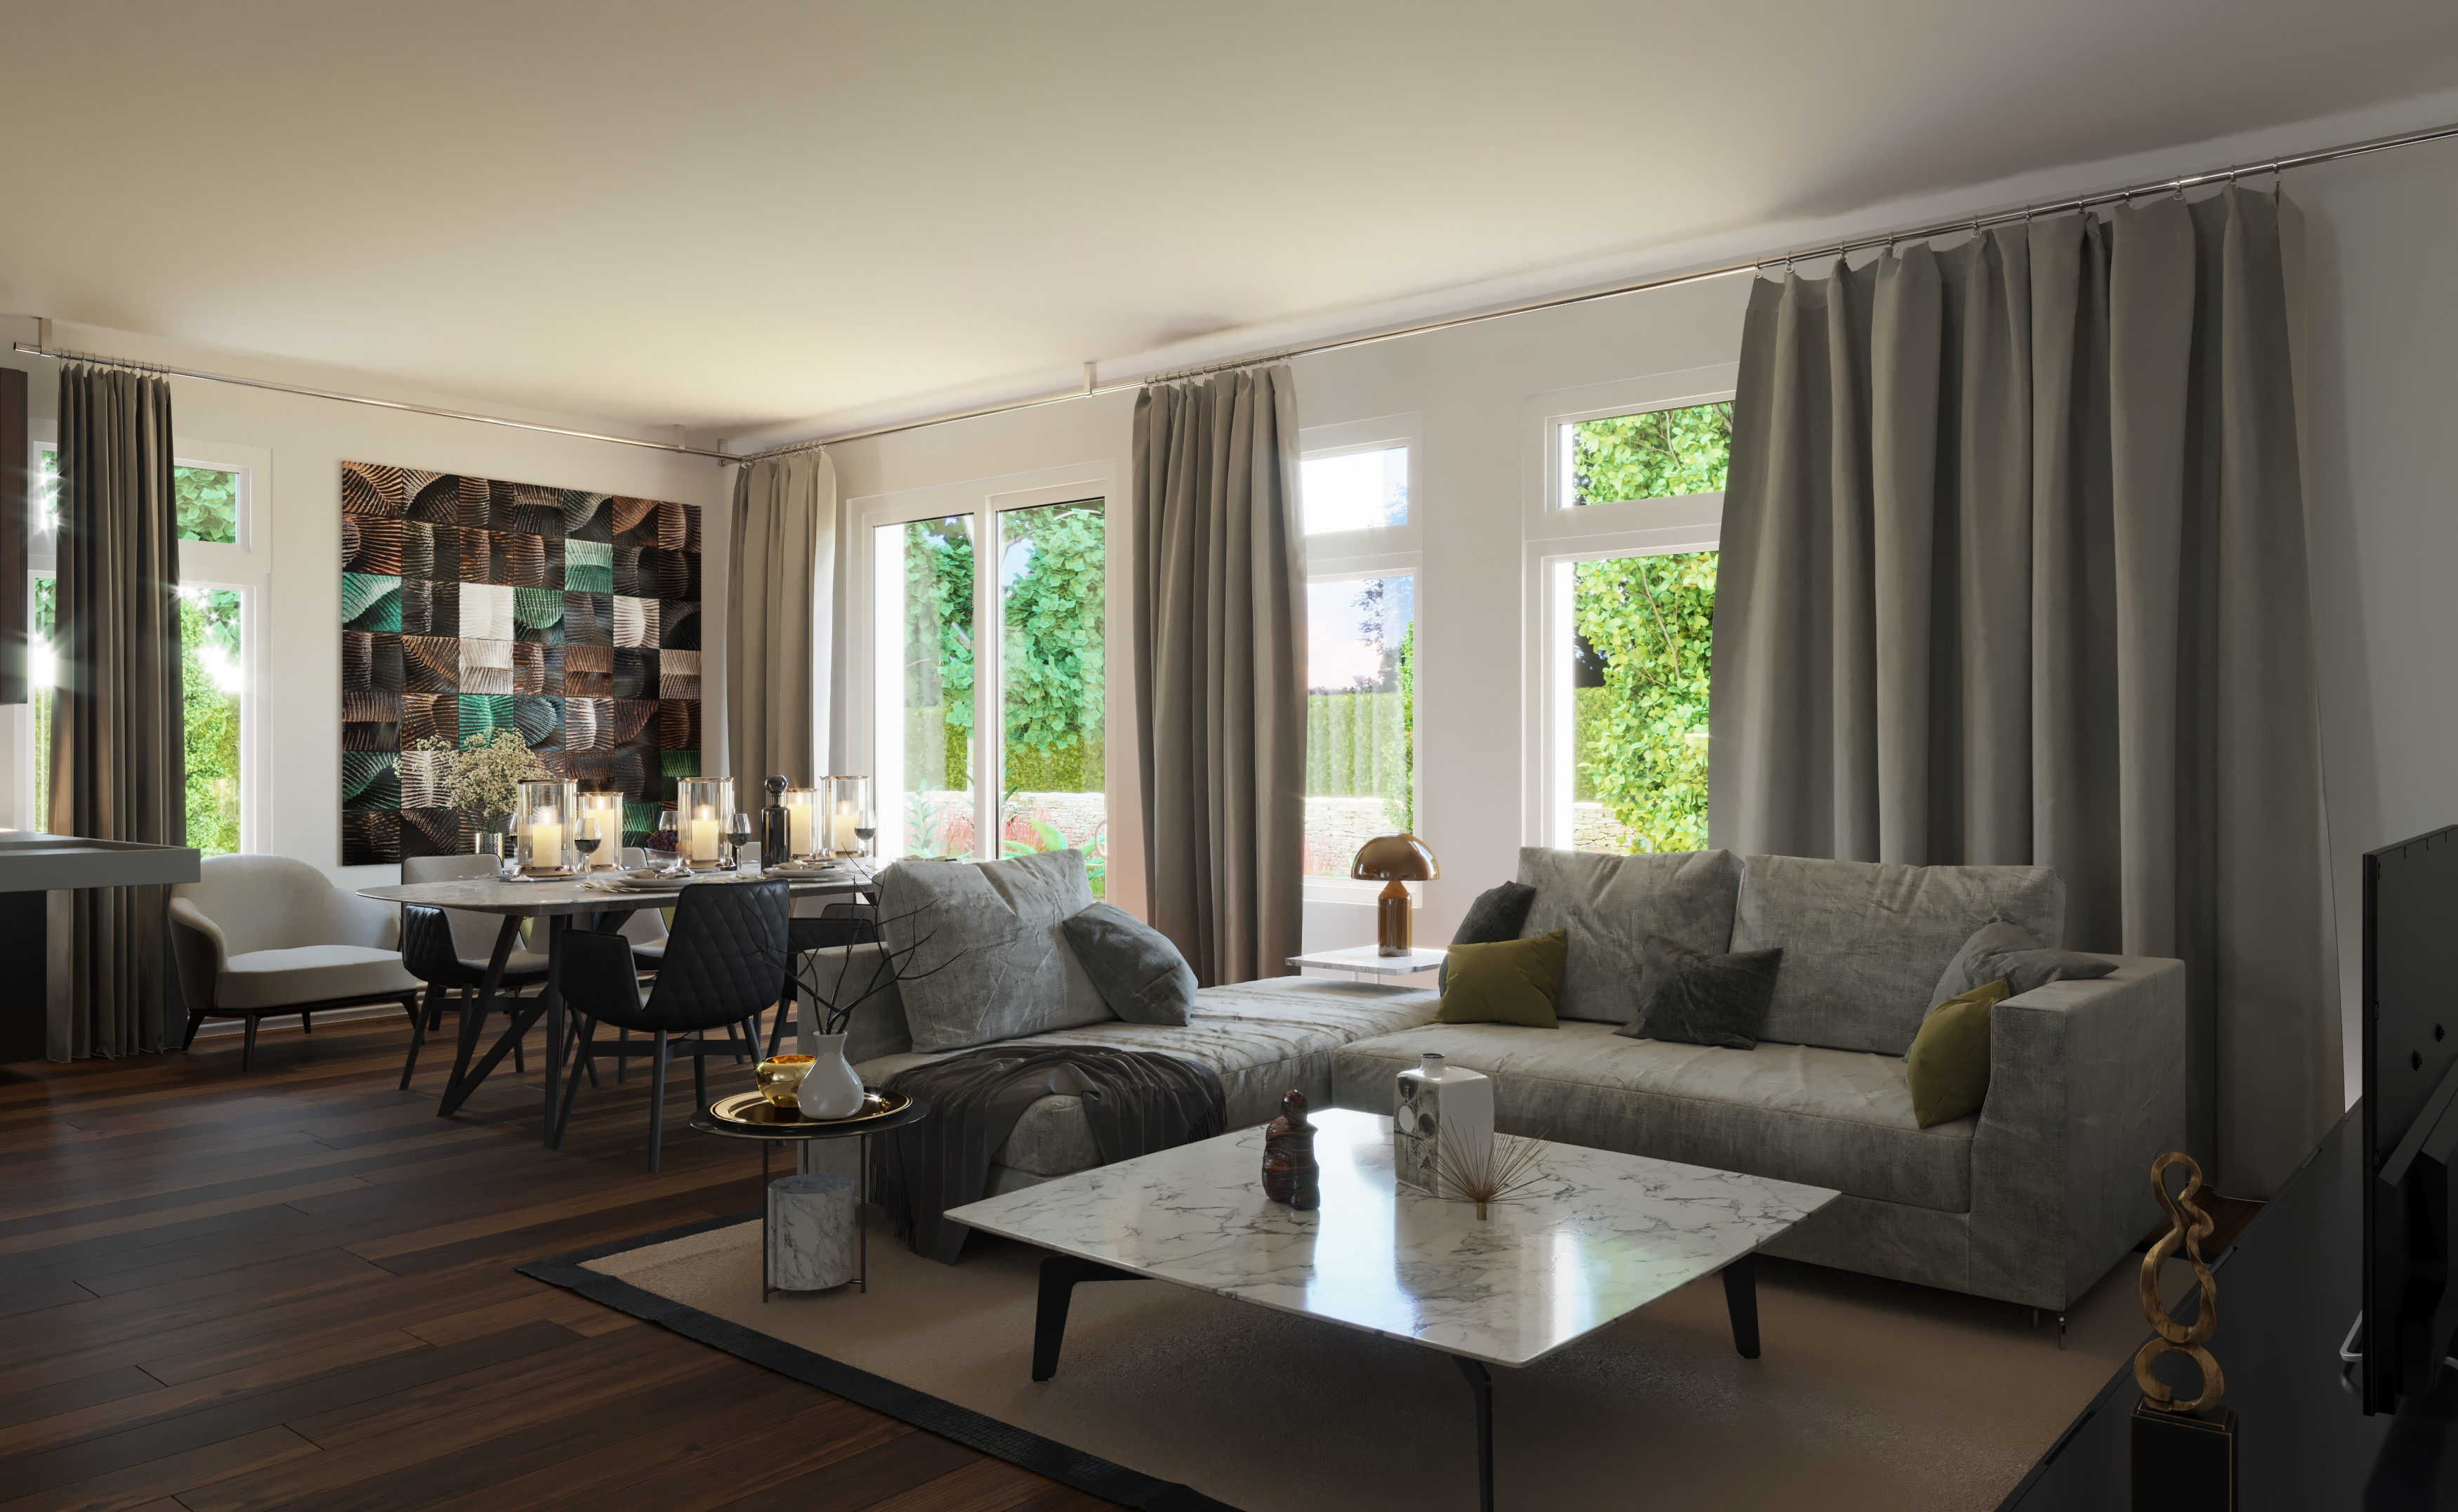 Wizualizacja mieszkania salon nieruchomość Ashton bez okien Velux